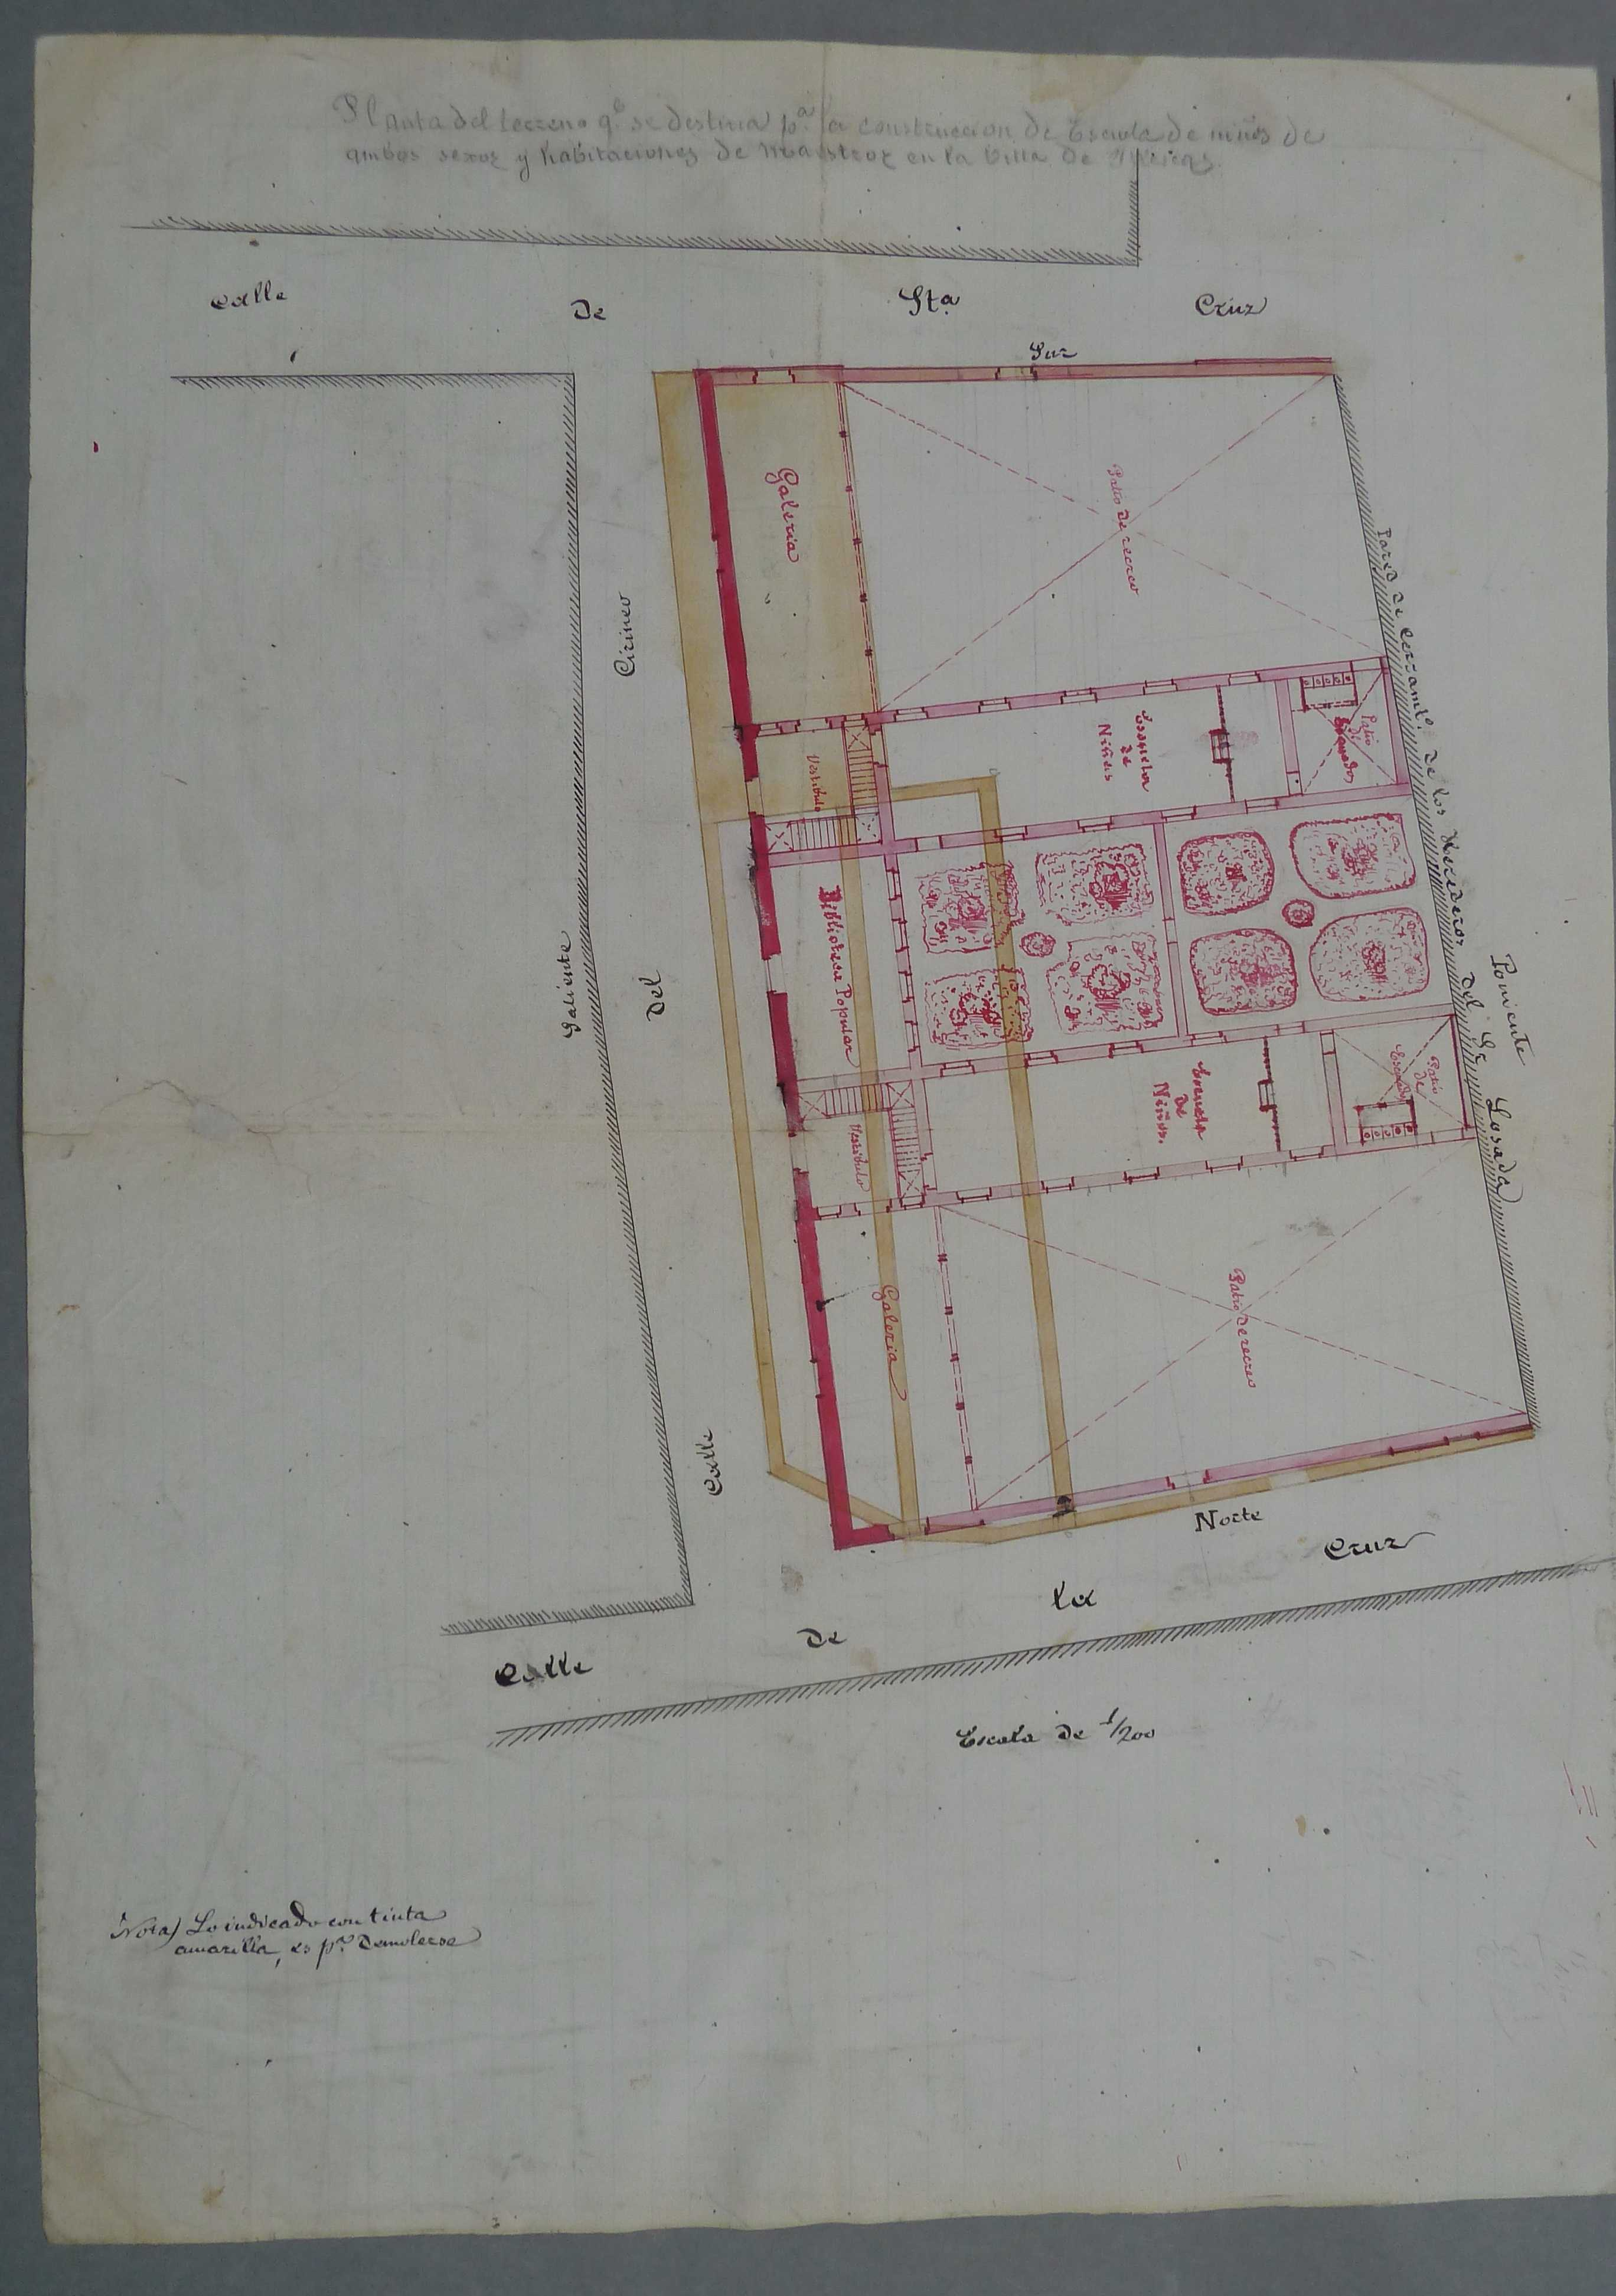 Illescas. Plano planta baja edificio escuelas públicas, 1885